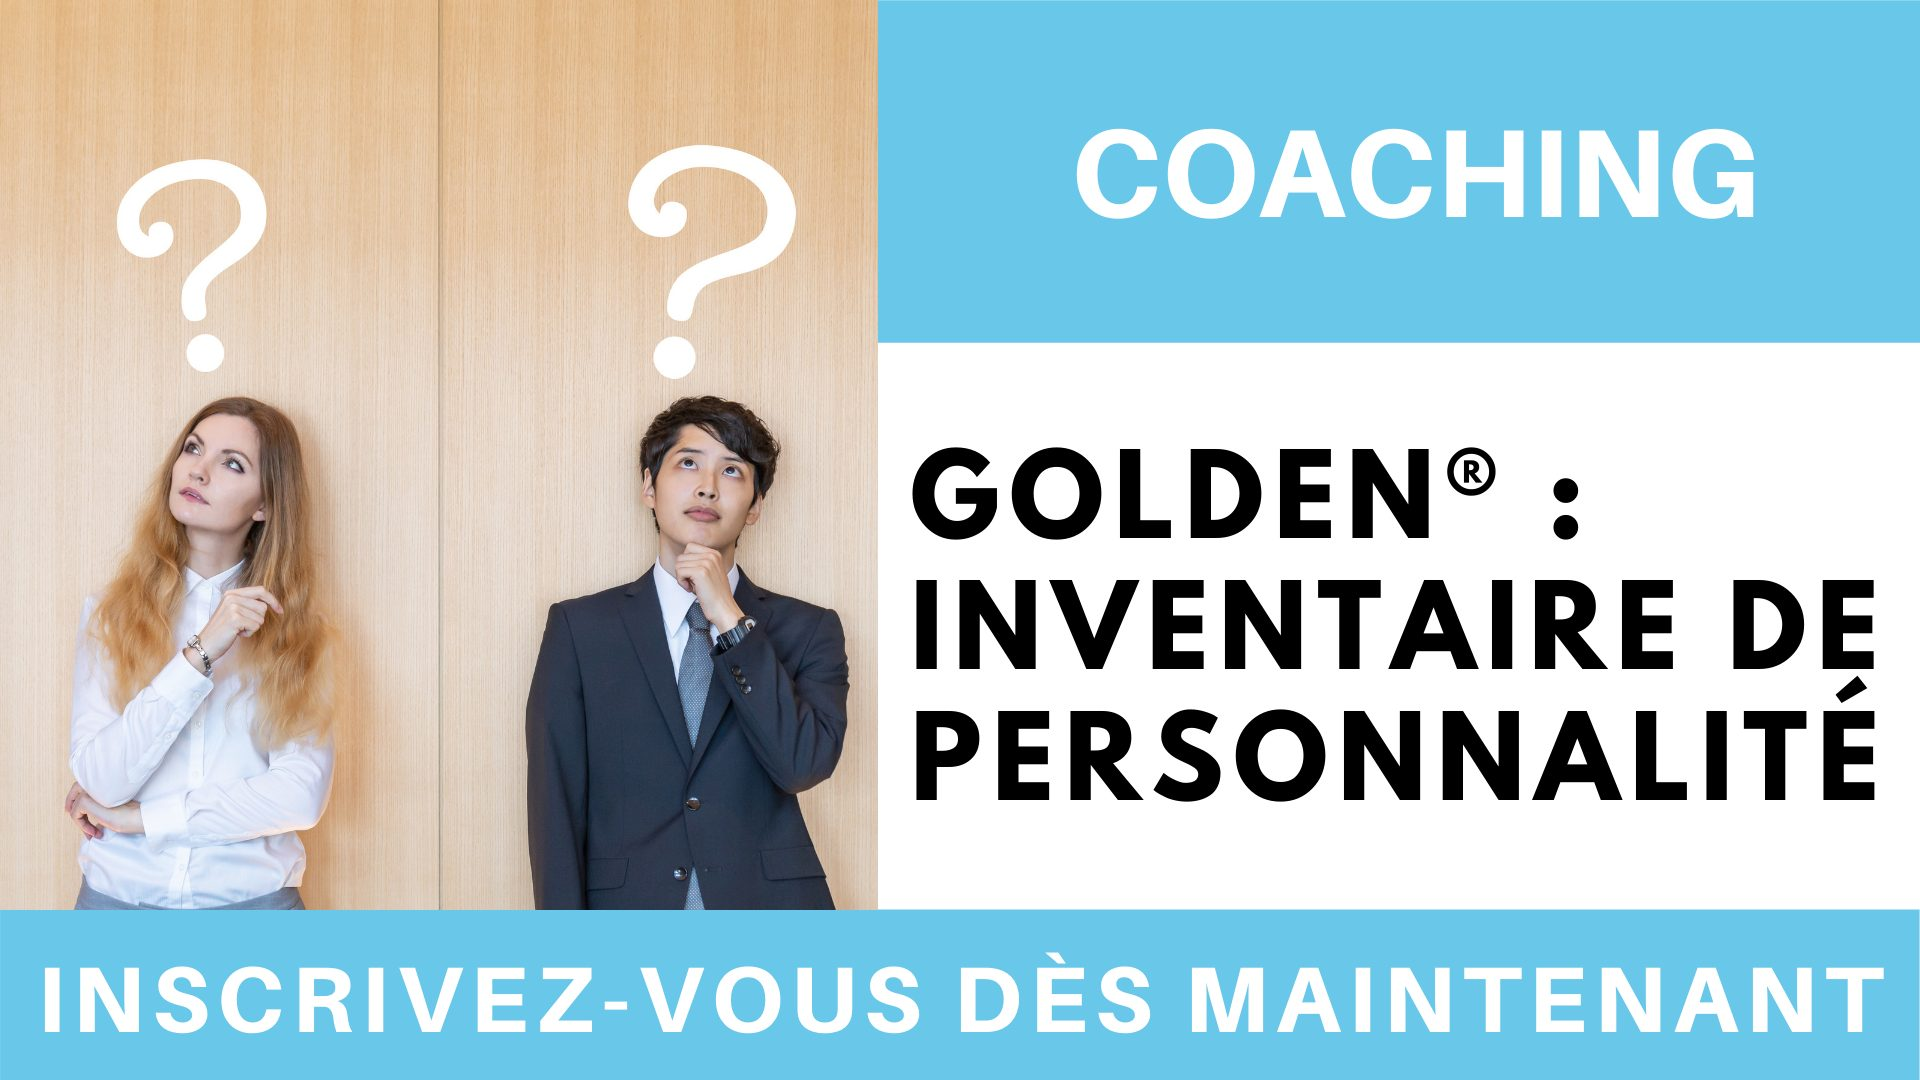 GOLDEN® _ inventaire de personnalité